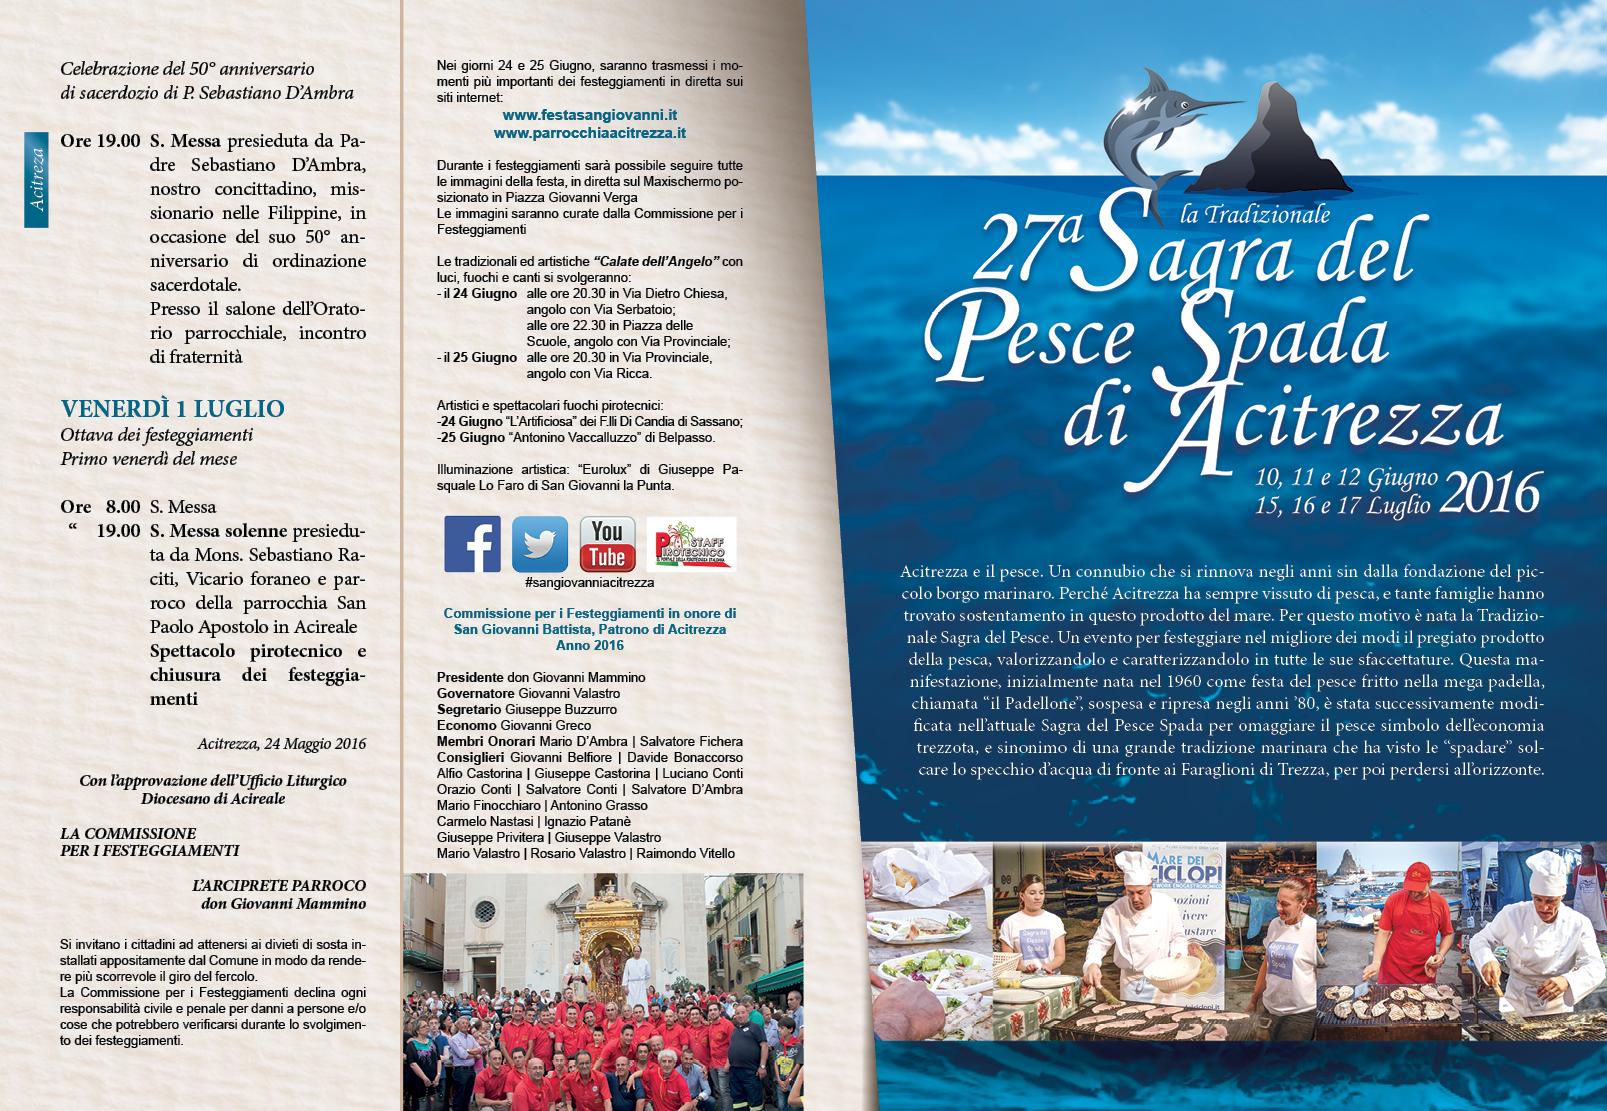 Solenni Festeggiamenti in onore di San Giovanni Battista Patrono di Acitrezza Programma 2016_05